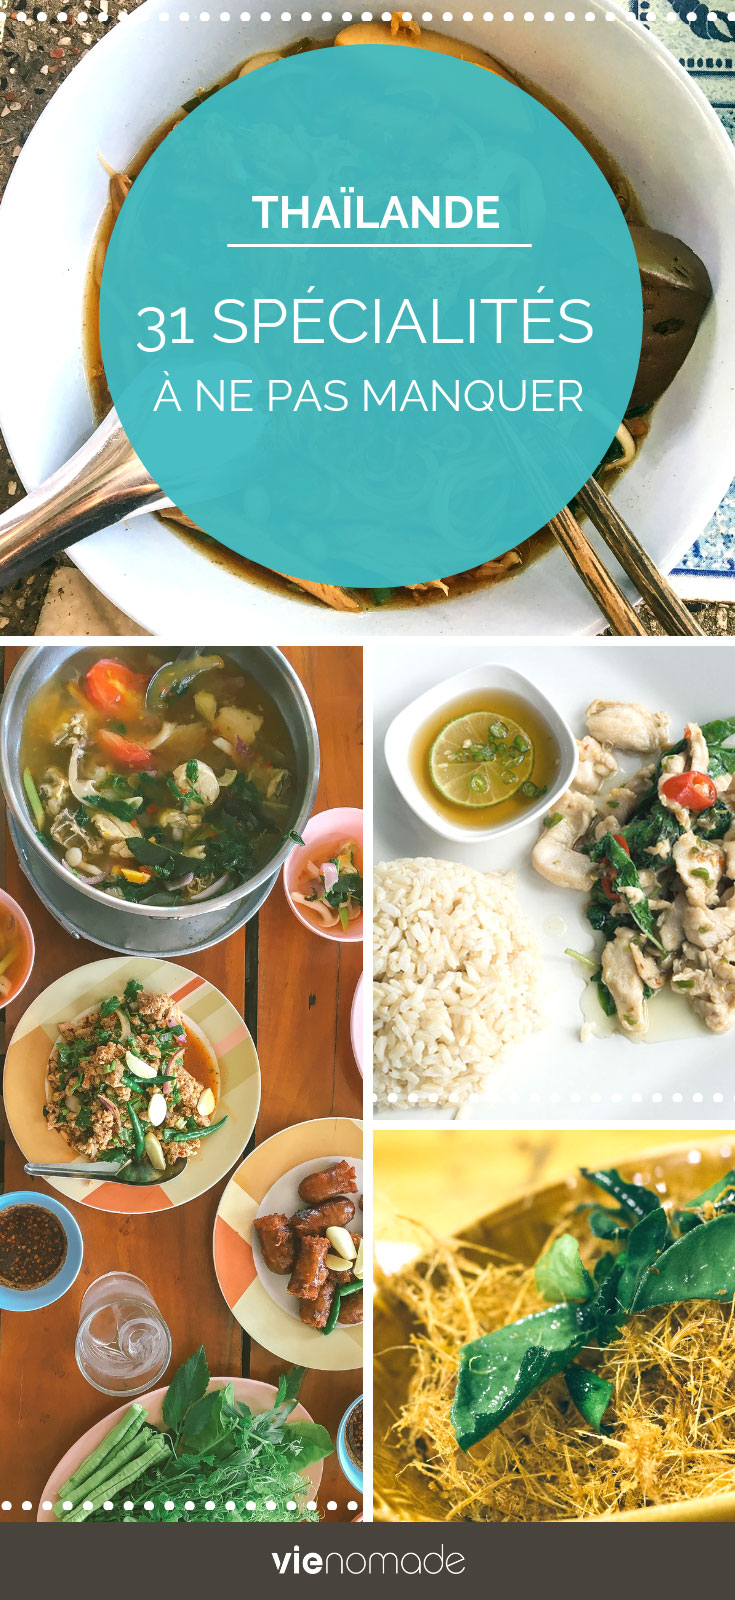 Cuisine thai et spécialités traditionnelles thailandaises